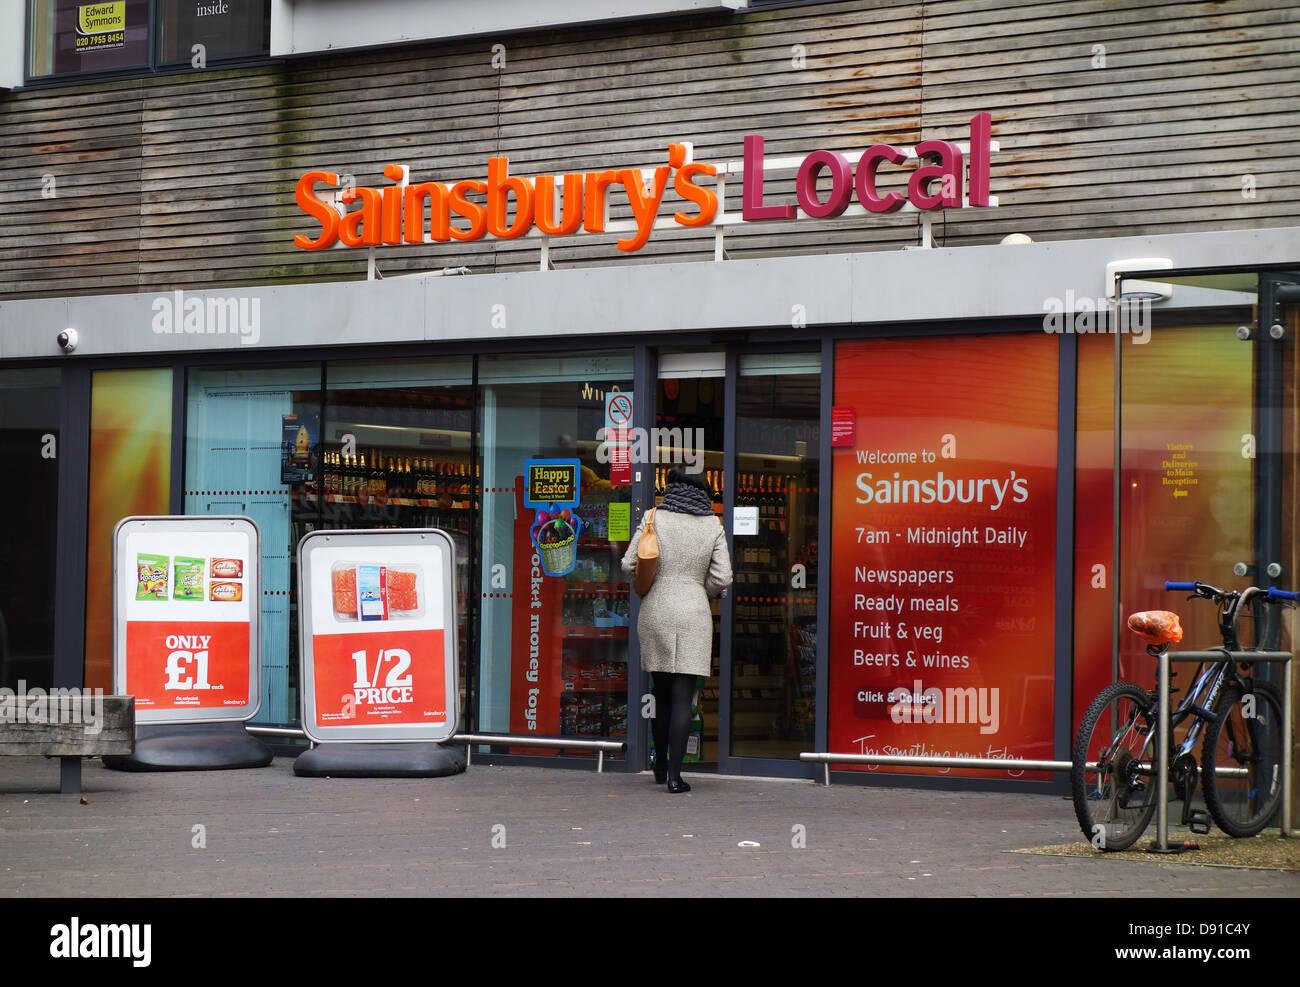 Sainsbury's Local store, UK - Stock Image